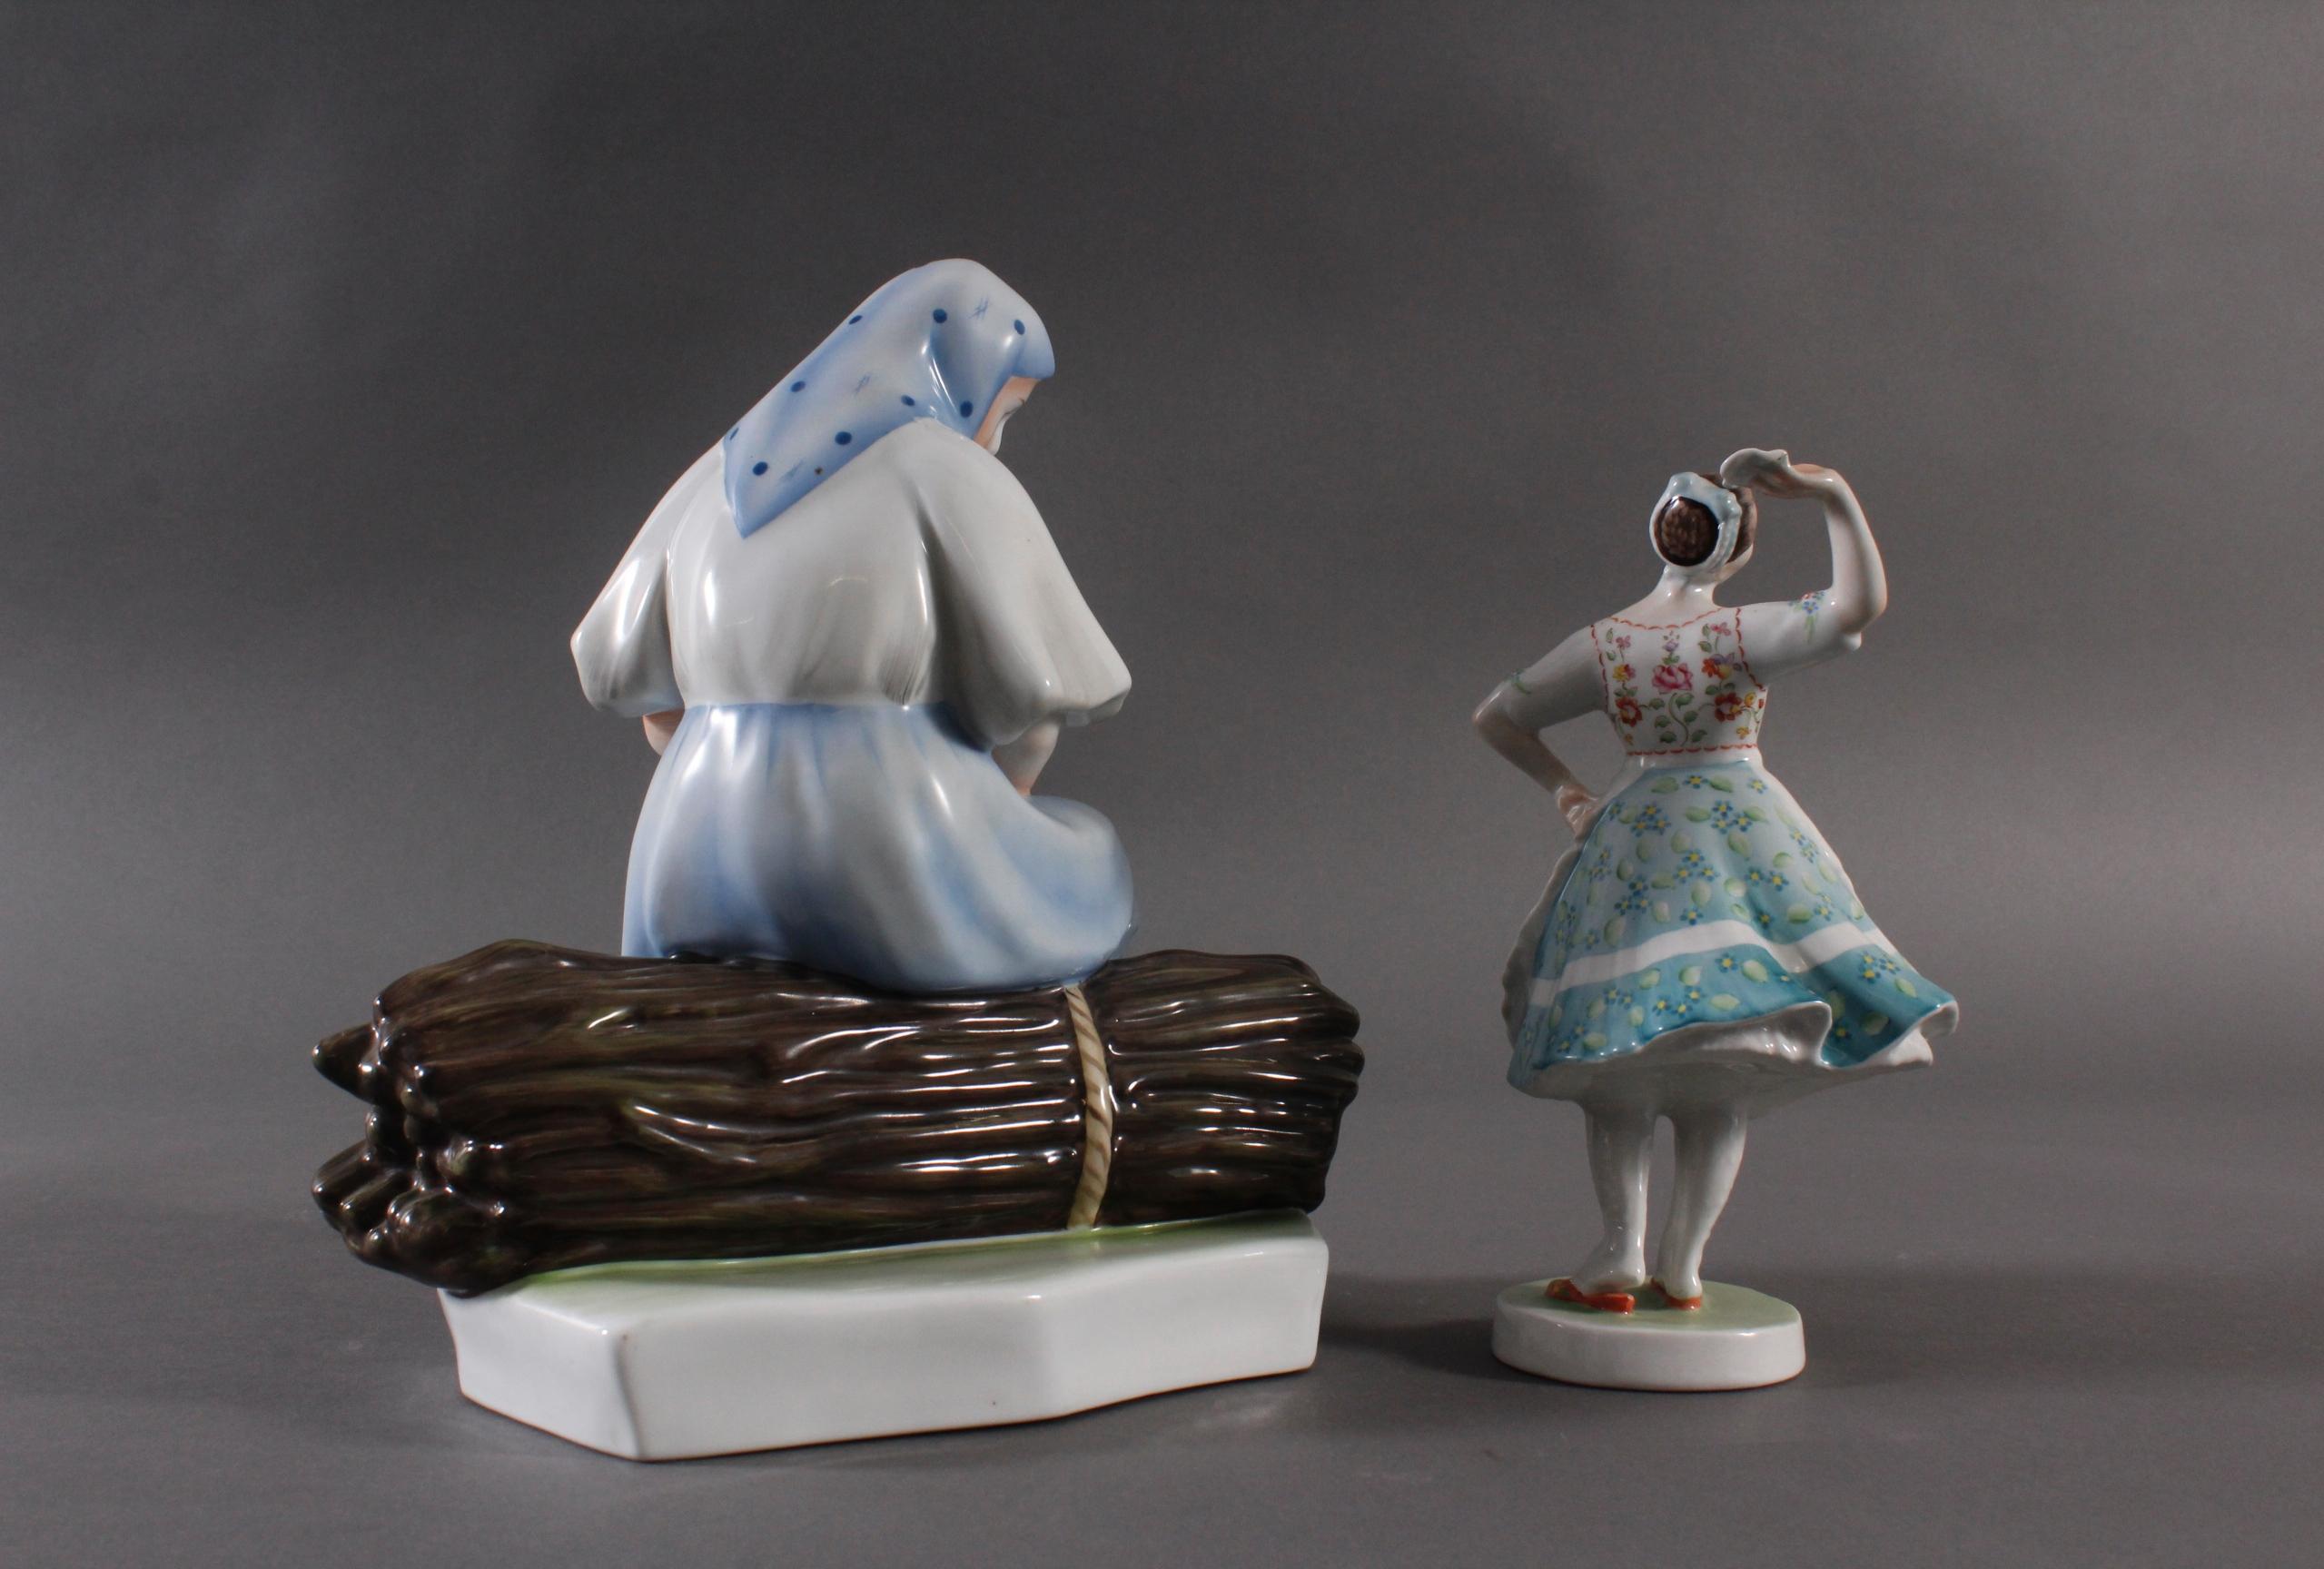 Porzellanfigur, Ungarn, 'Tänzerin in Trachten' und 'Bäuerin auf Reisigbündel sitzend'-3